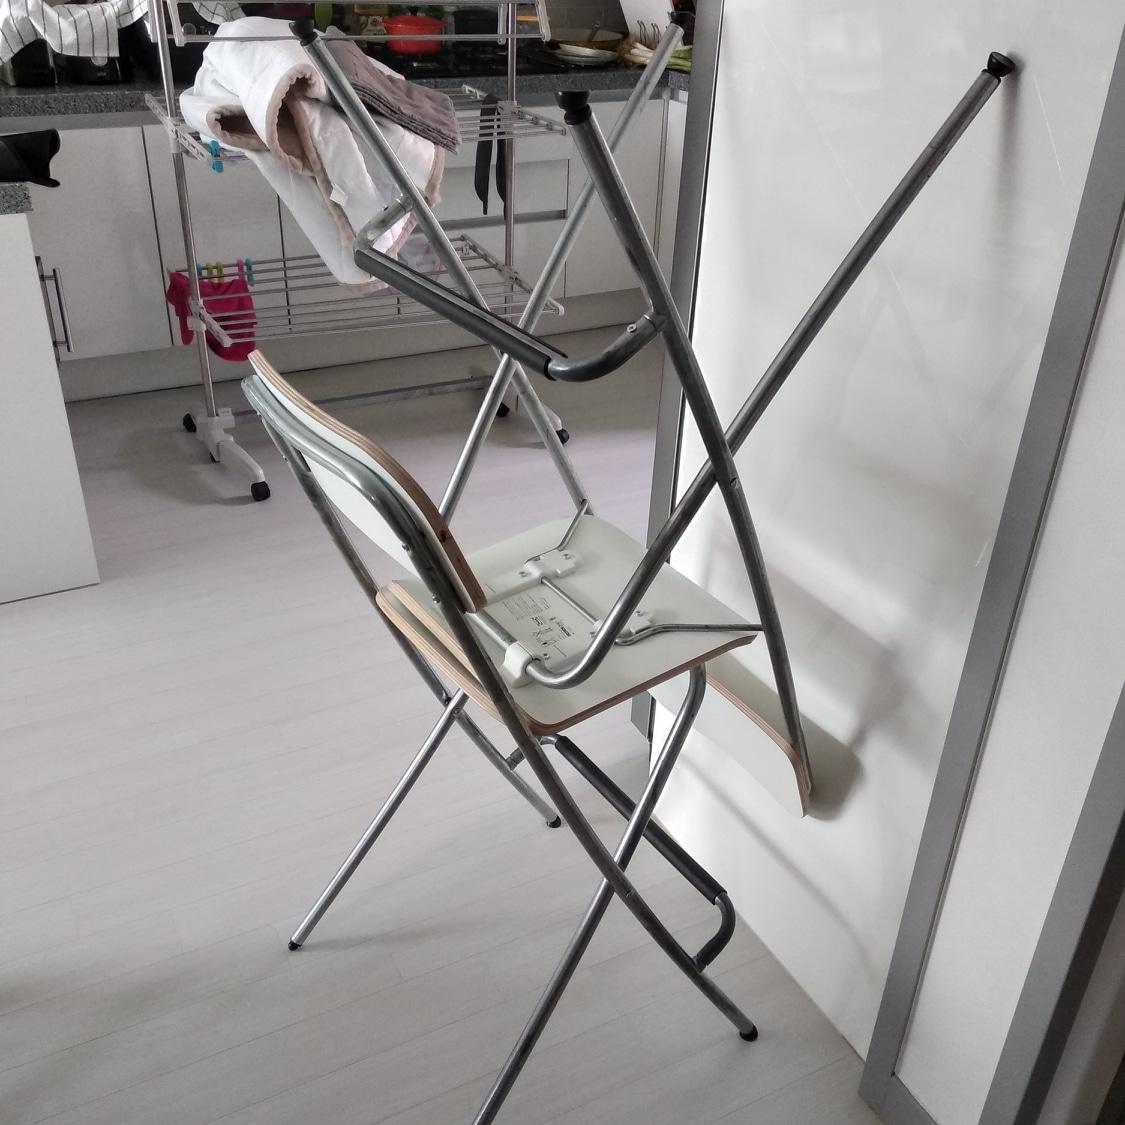 무료나눔 이케아 바의자 입니다.